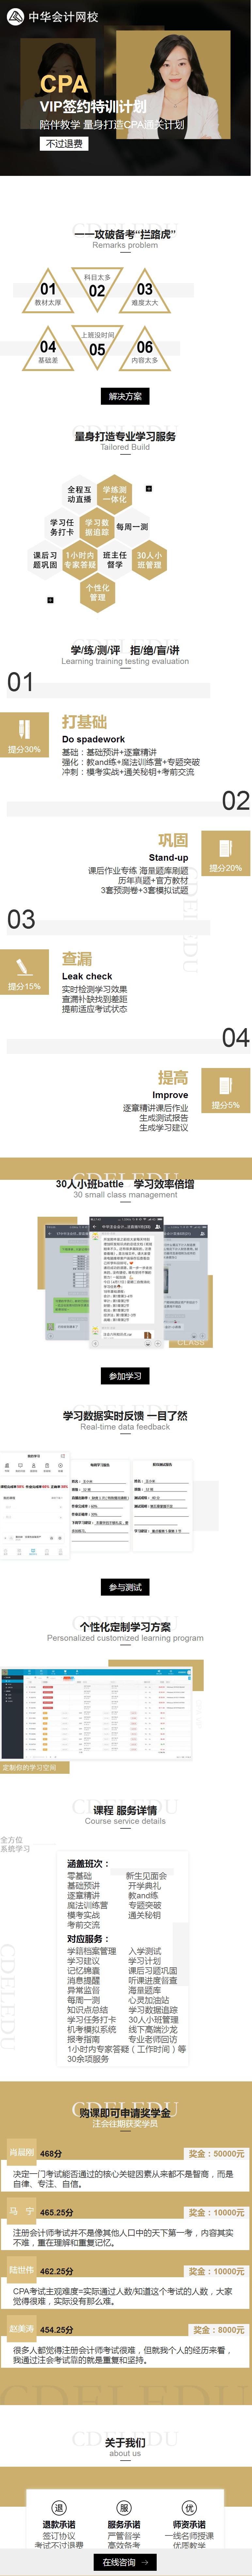 中华会计网校注册会计师面授班